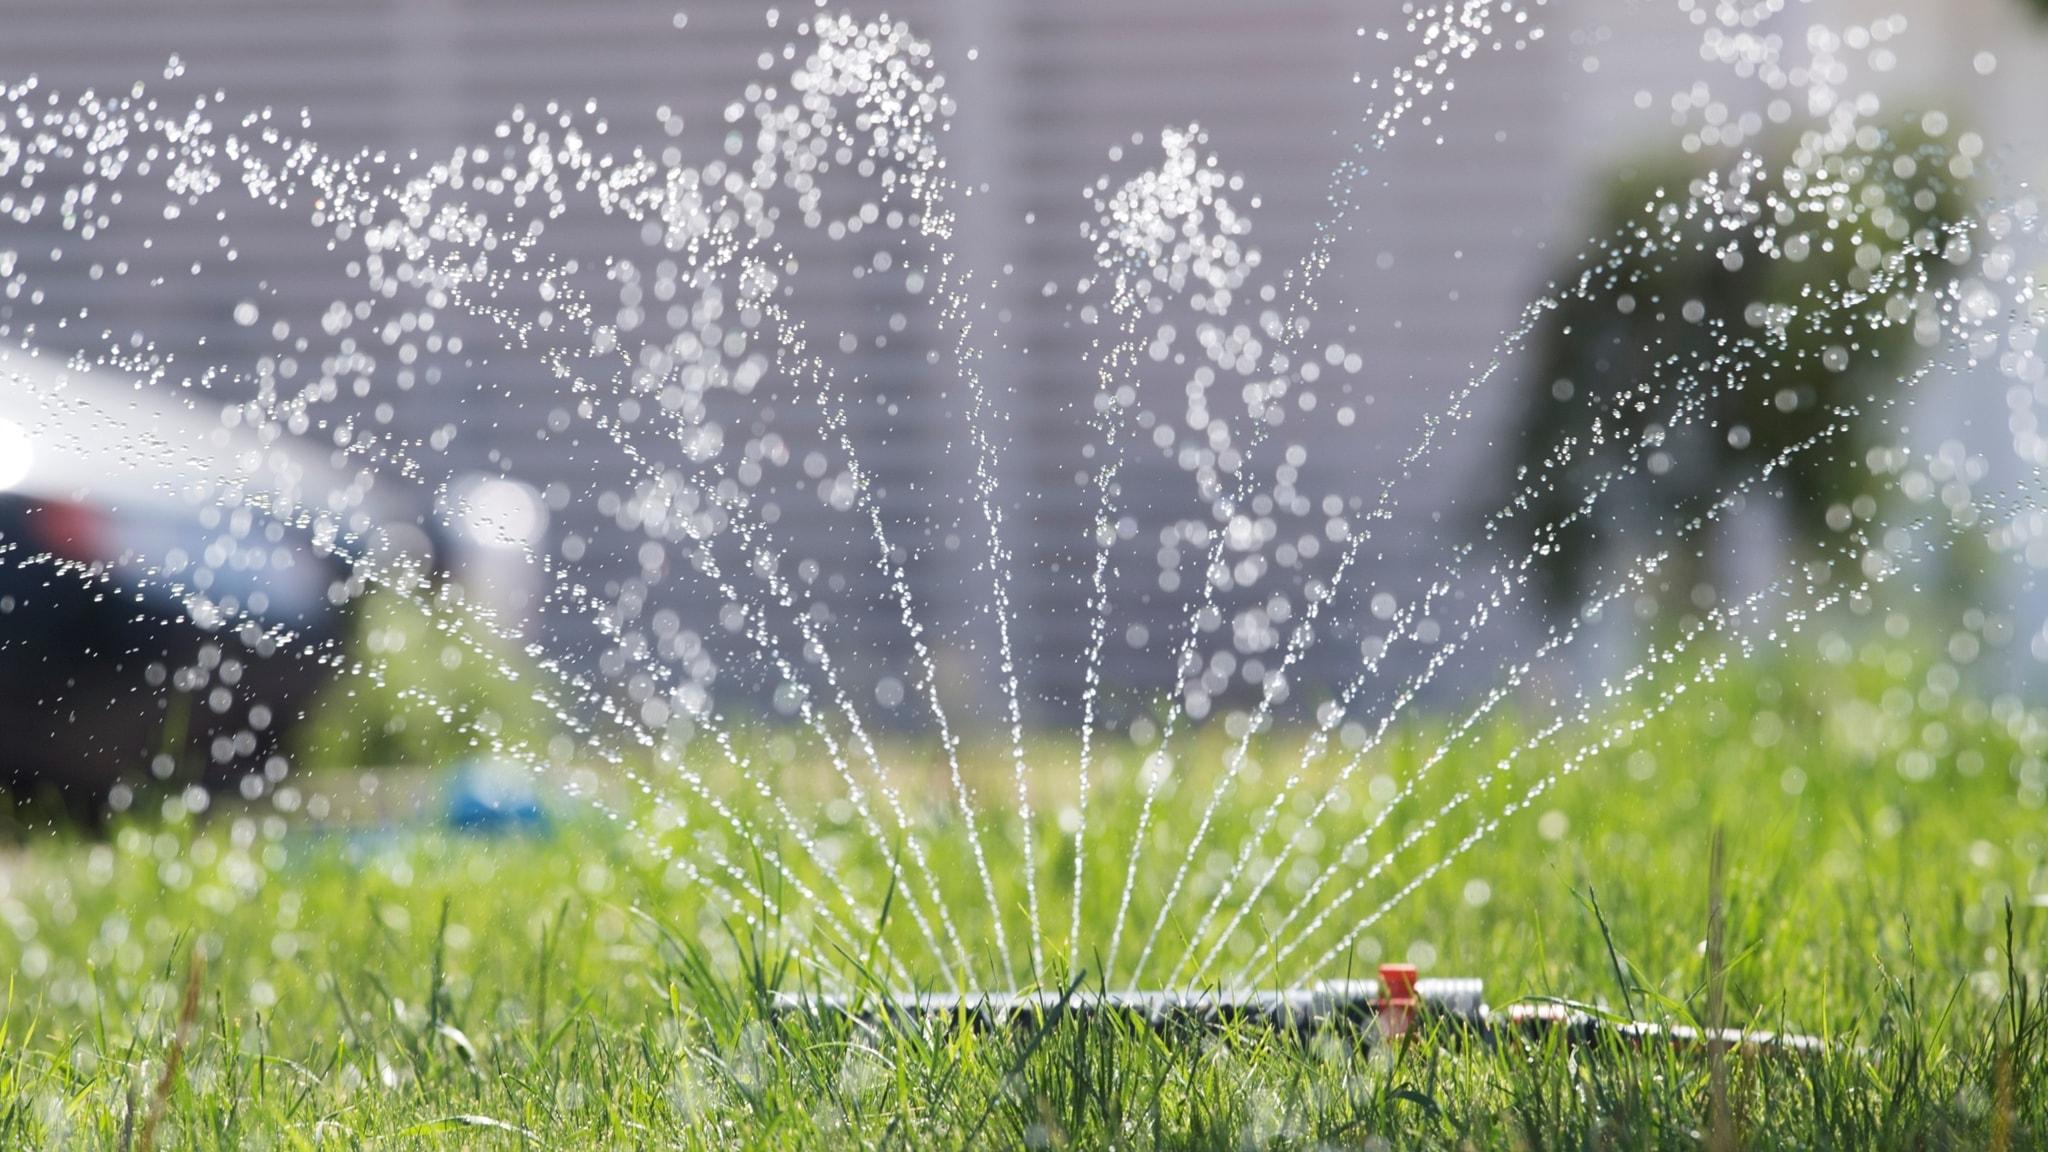 Allt fler kommuner varnar - Dags att spara på vattnet